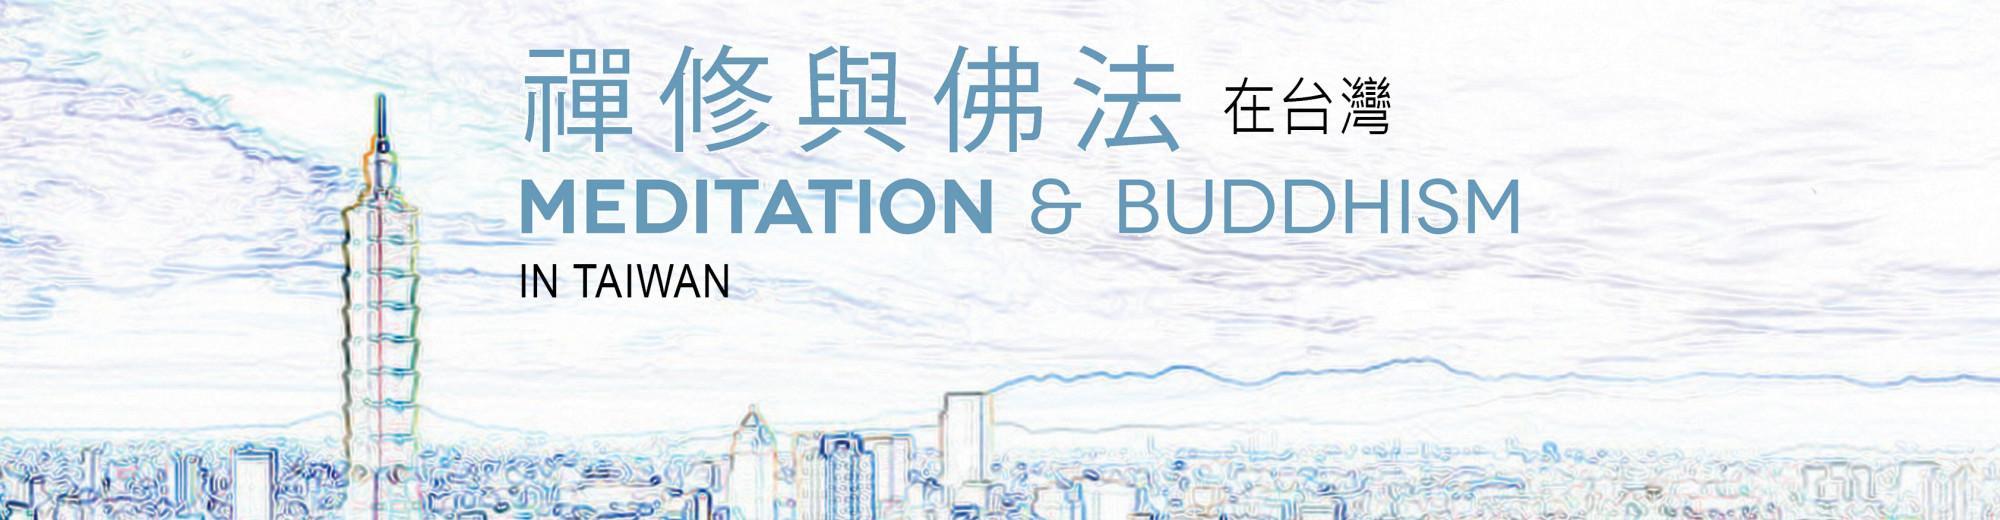 台灣噶當巴禪修中心